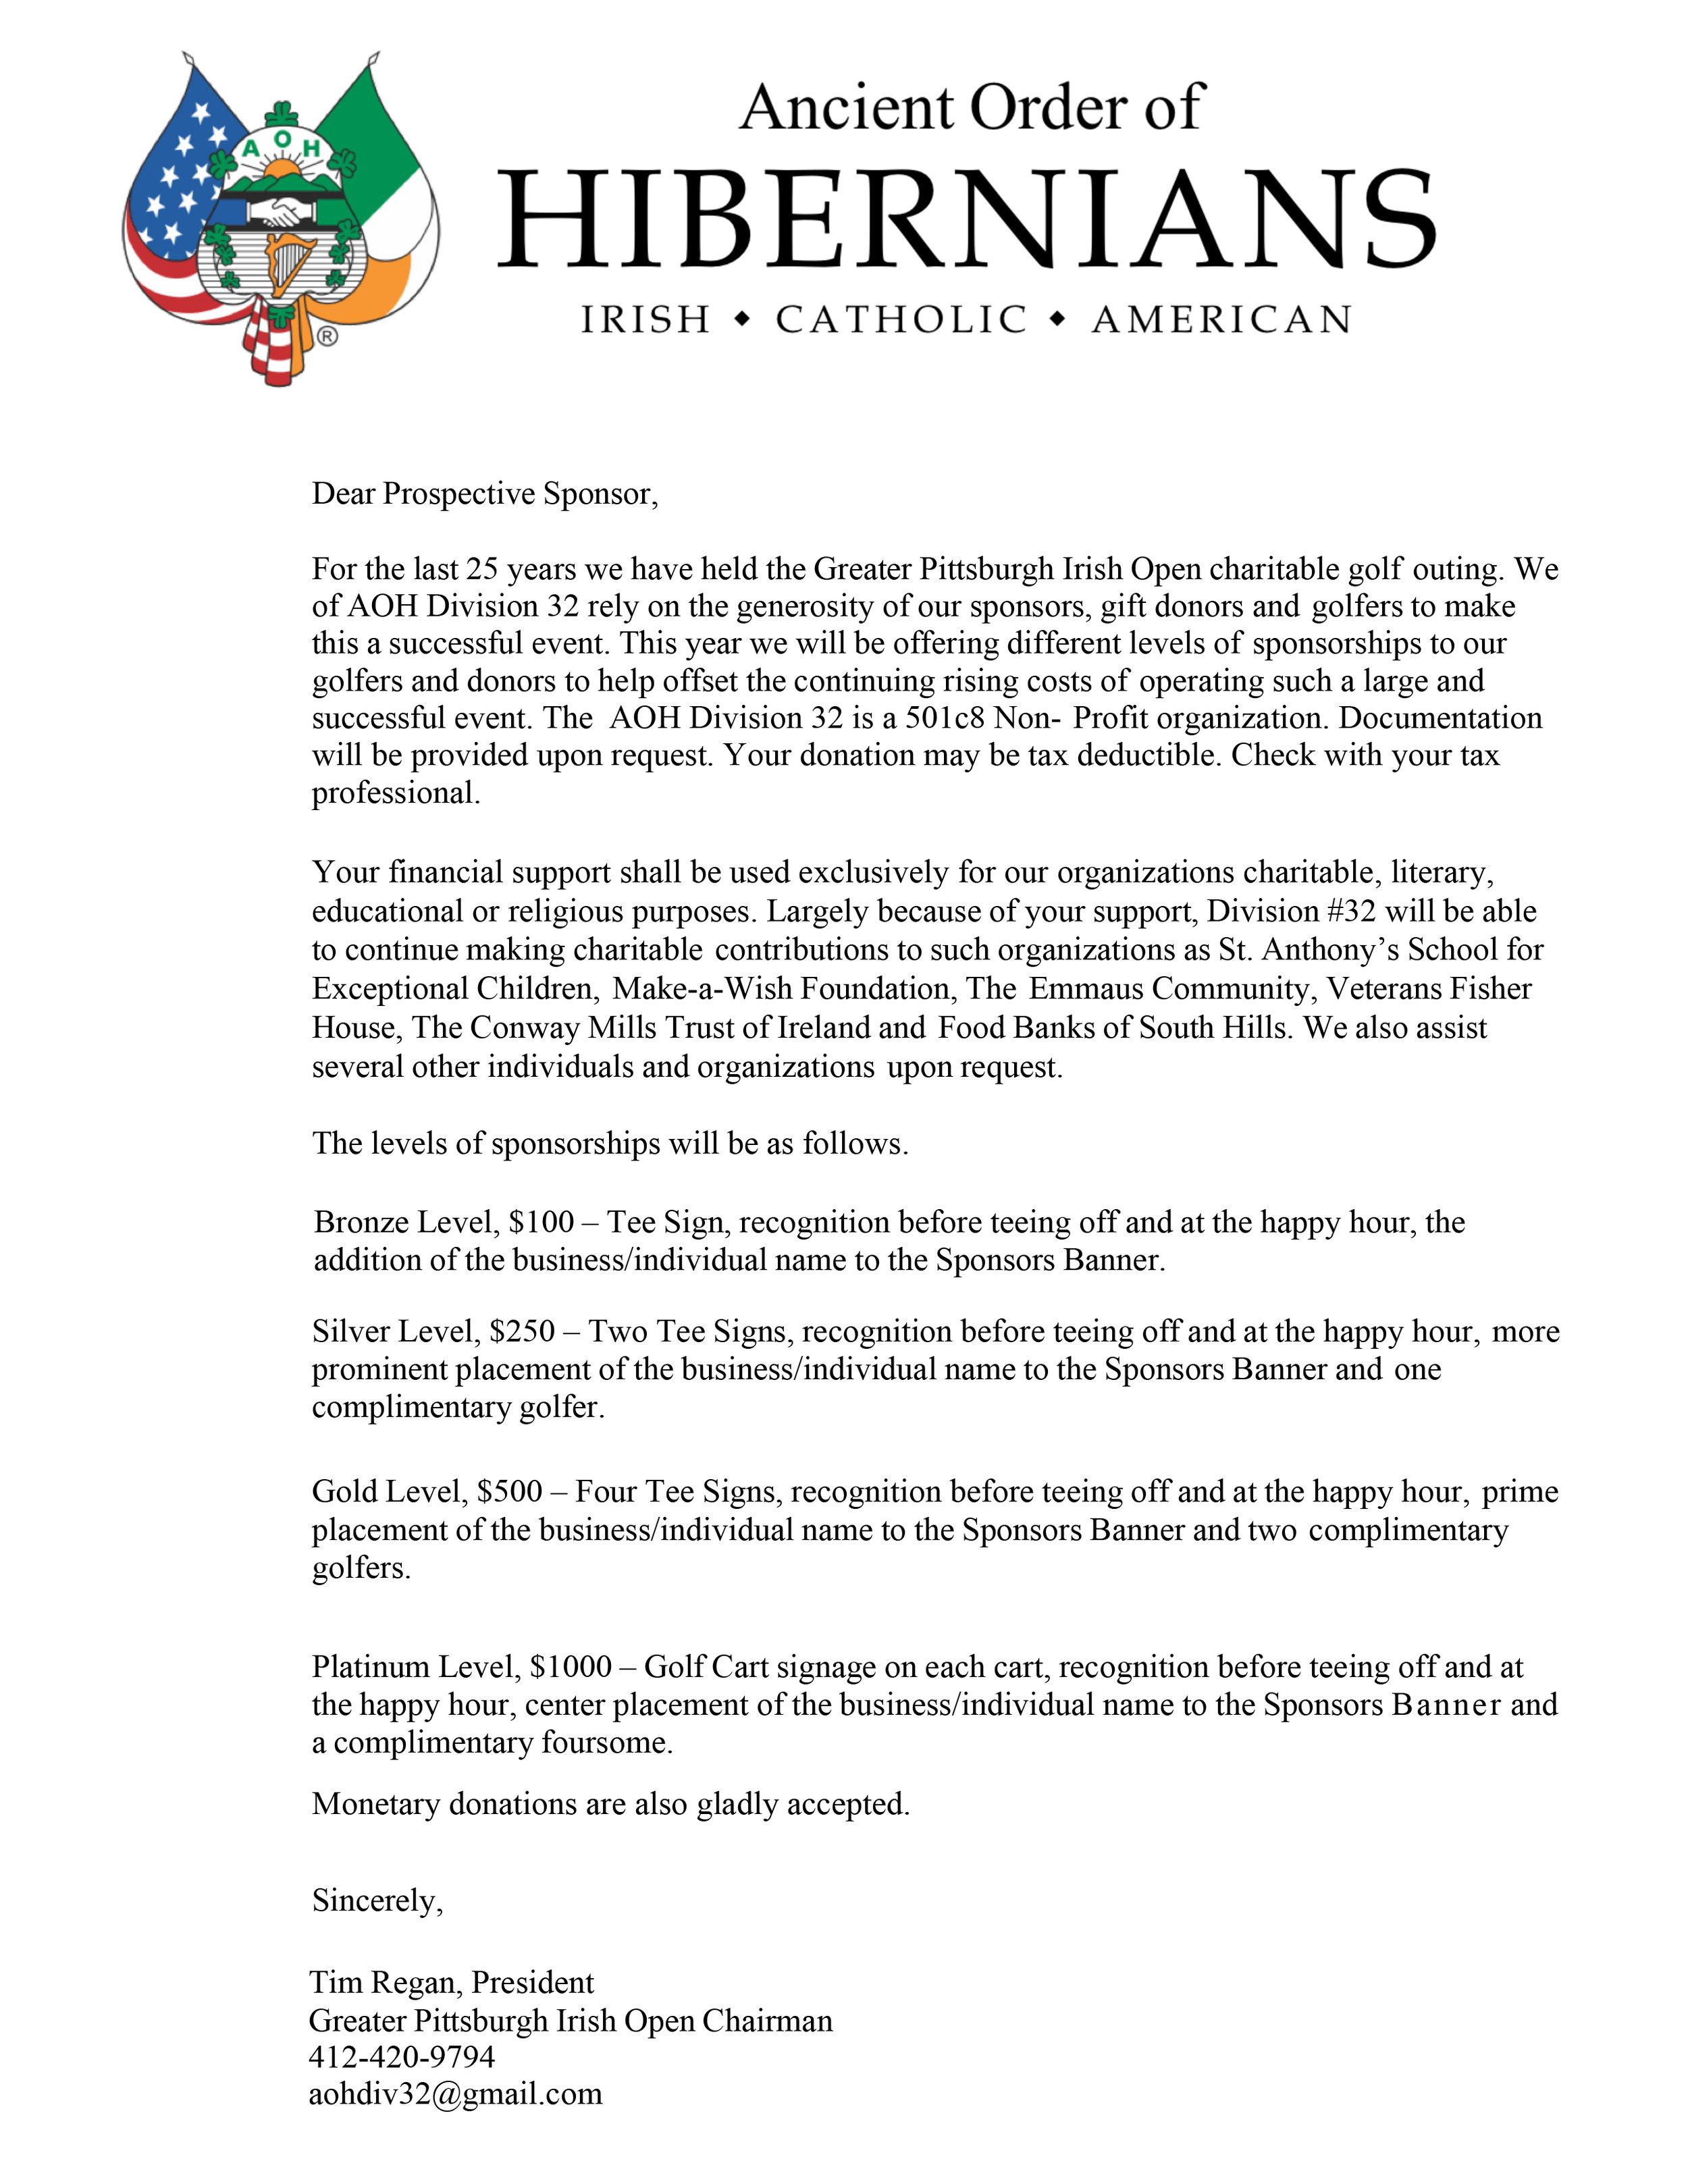 2019 HH Sponsor Letter.jpg